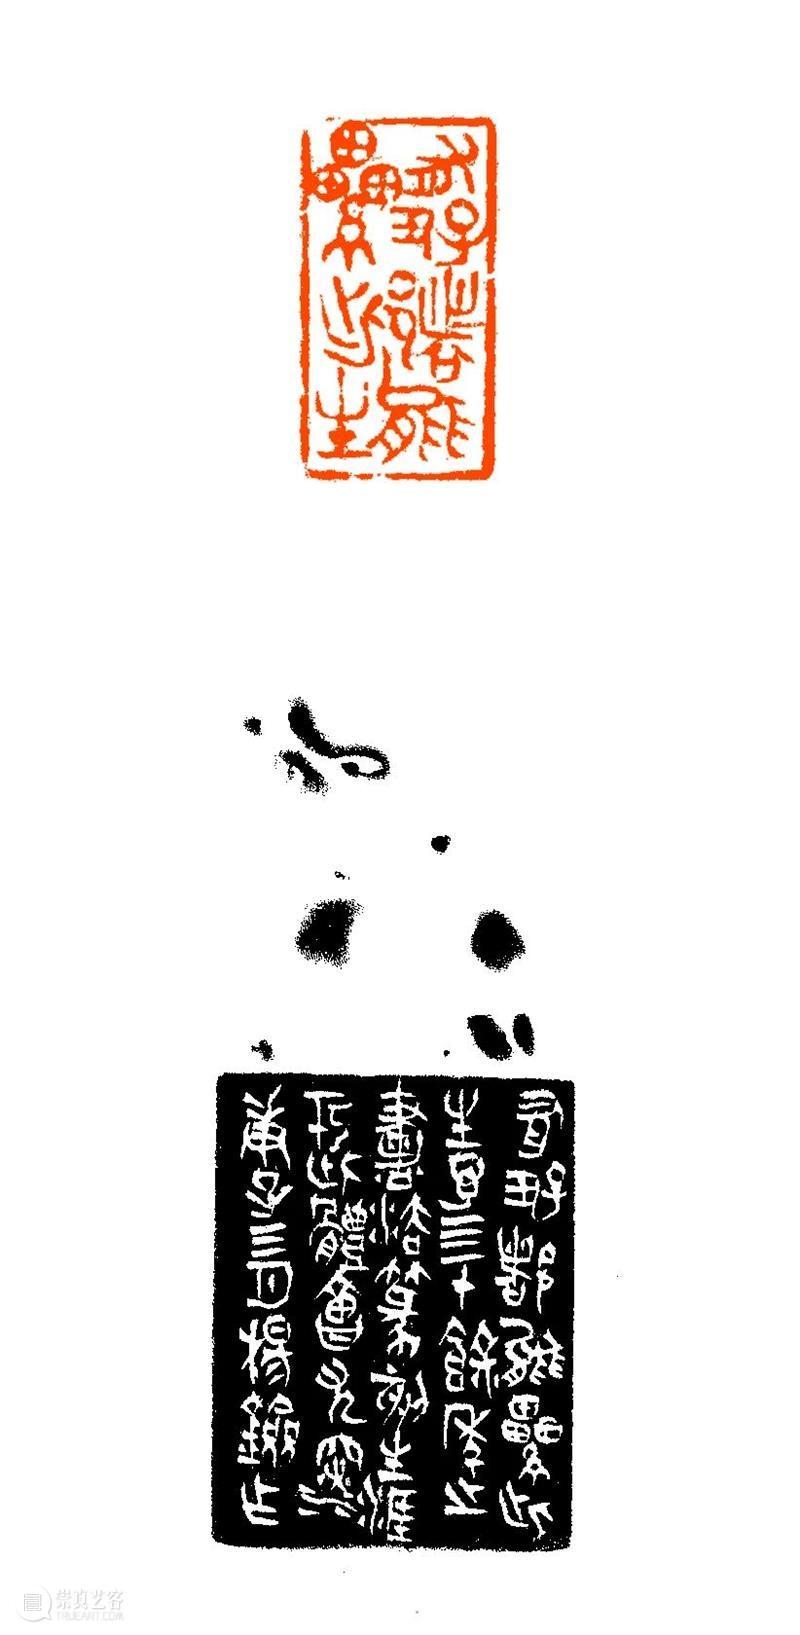 """【爱社如家】""""禅心古韵""""——杨剑捐赠展作品欣赏(一) 爱社 如家 作品 禅心 古韵 杨剑 编者按 西泠印社 文物 其中 崇真艺客"""